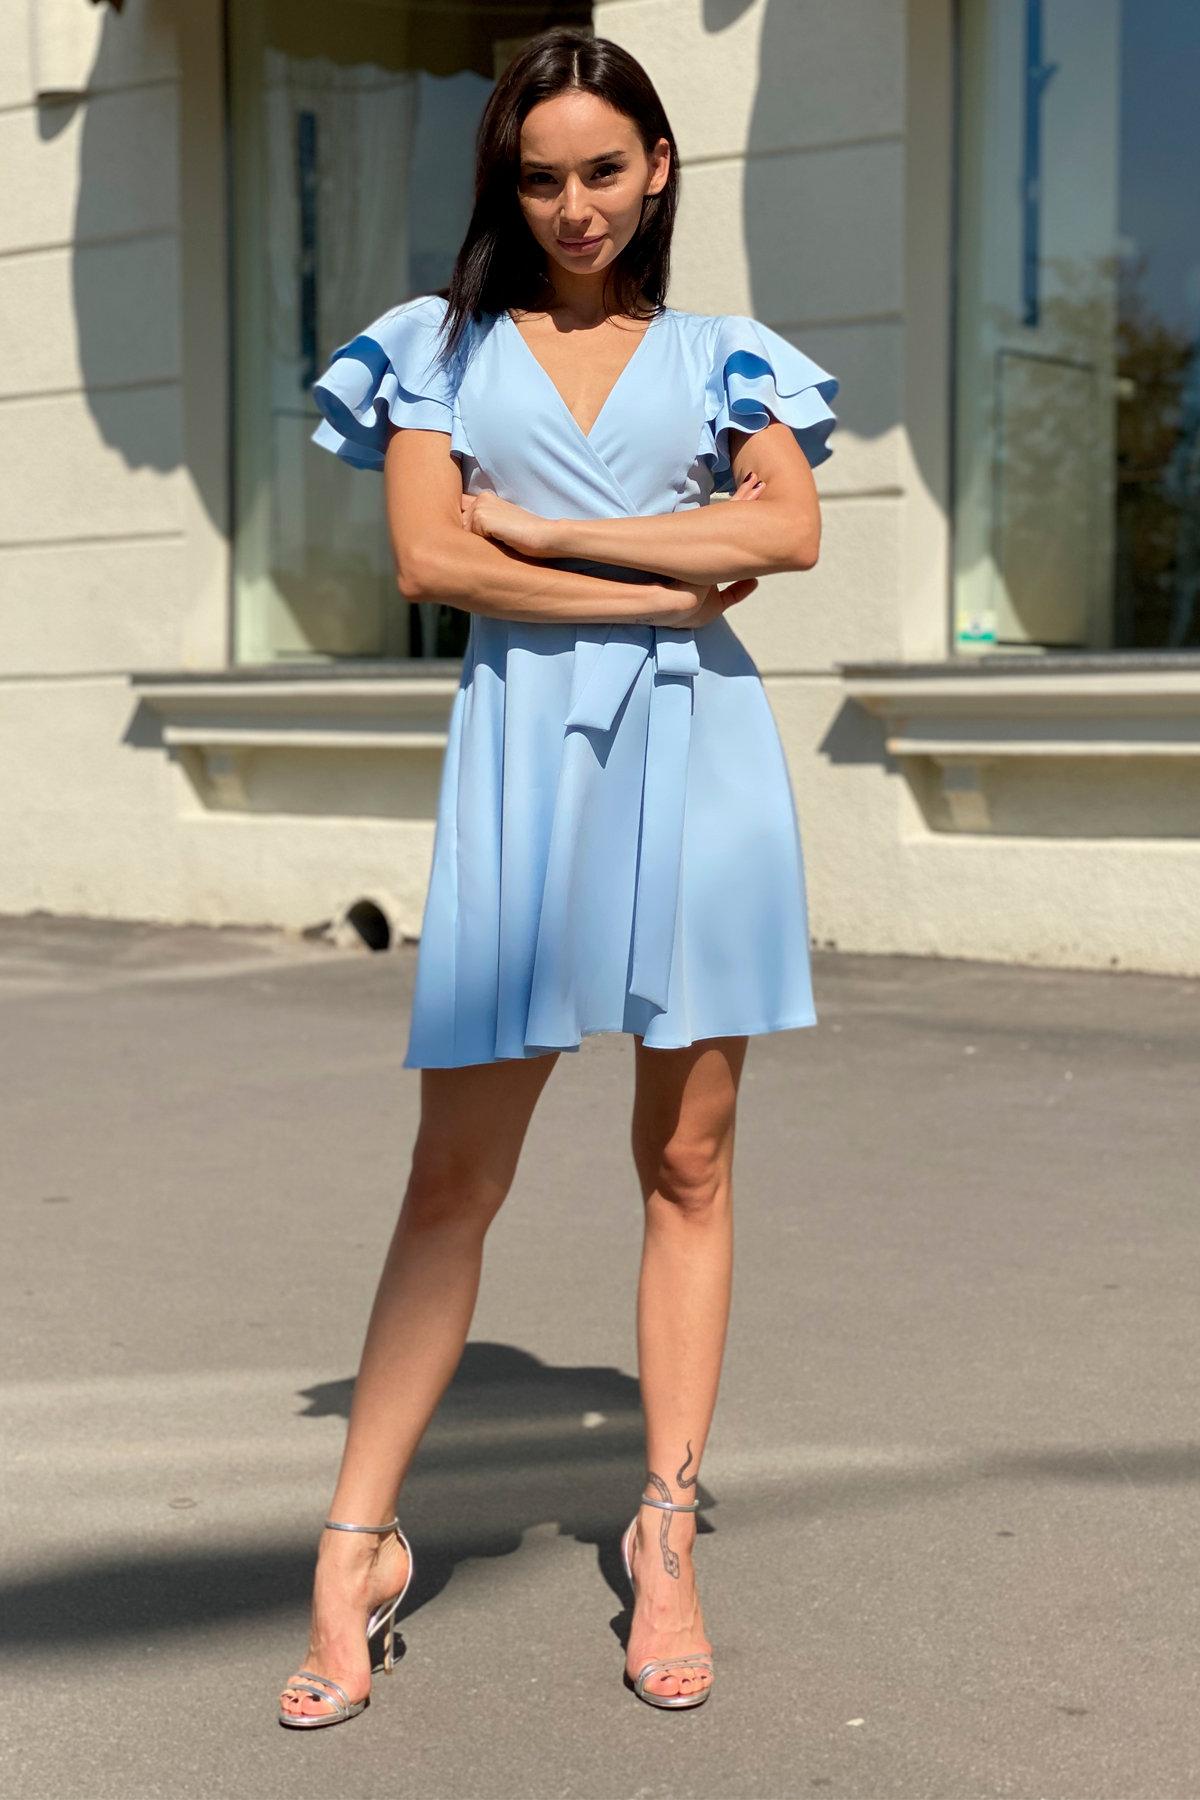 Платье Милея 9649 АРТ. 45970 Цвет: Голубой - фото 4, интернет магазин tm-modus.ru